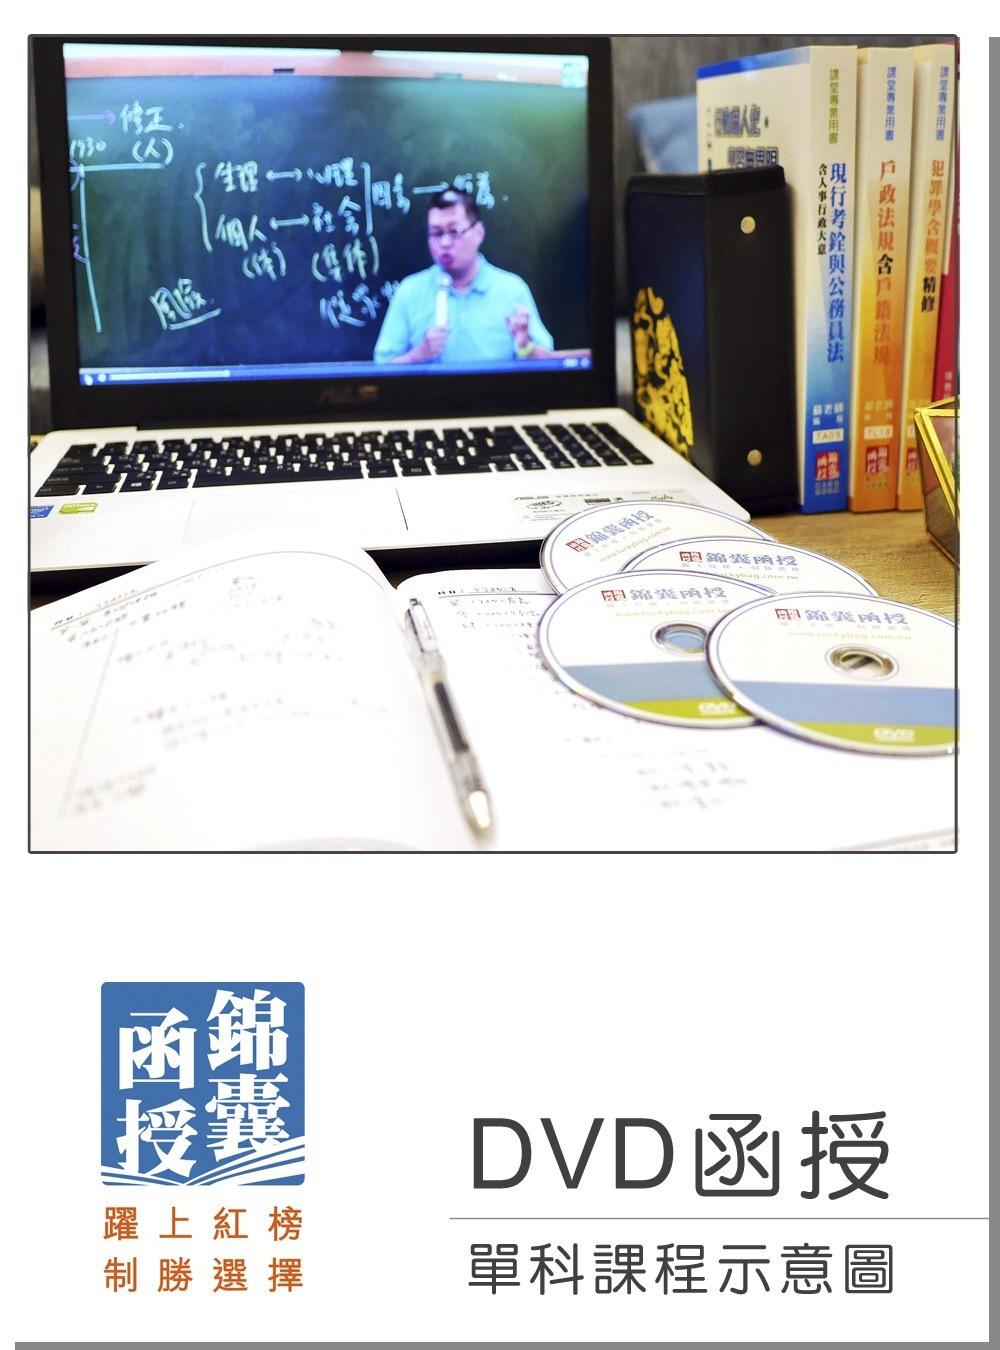 【DVD函授】鐵路法:單科課程(107版)